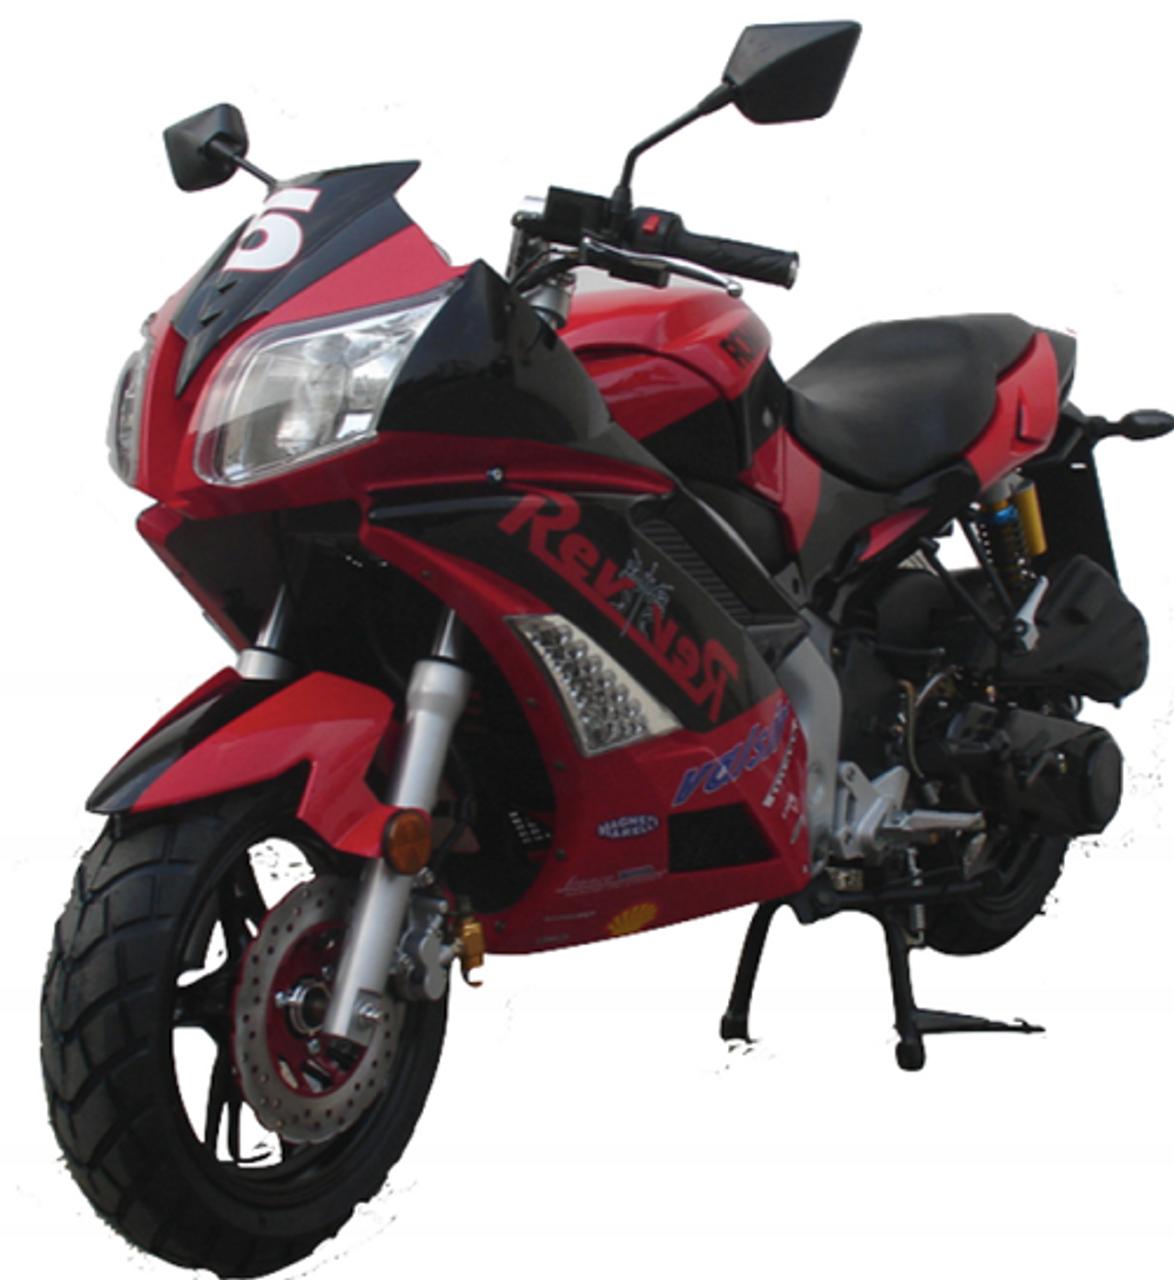 Roketa mc-06 Ninja bike 150cc